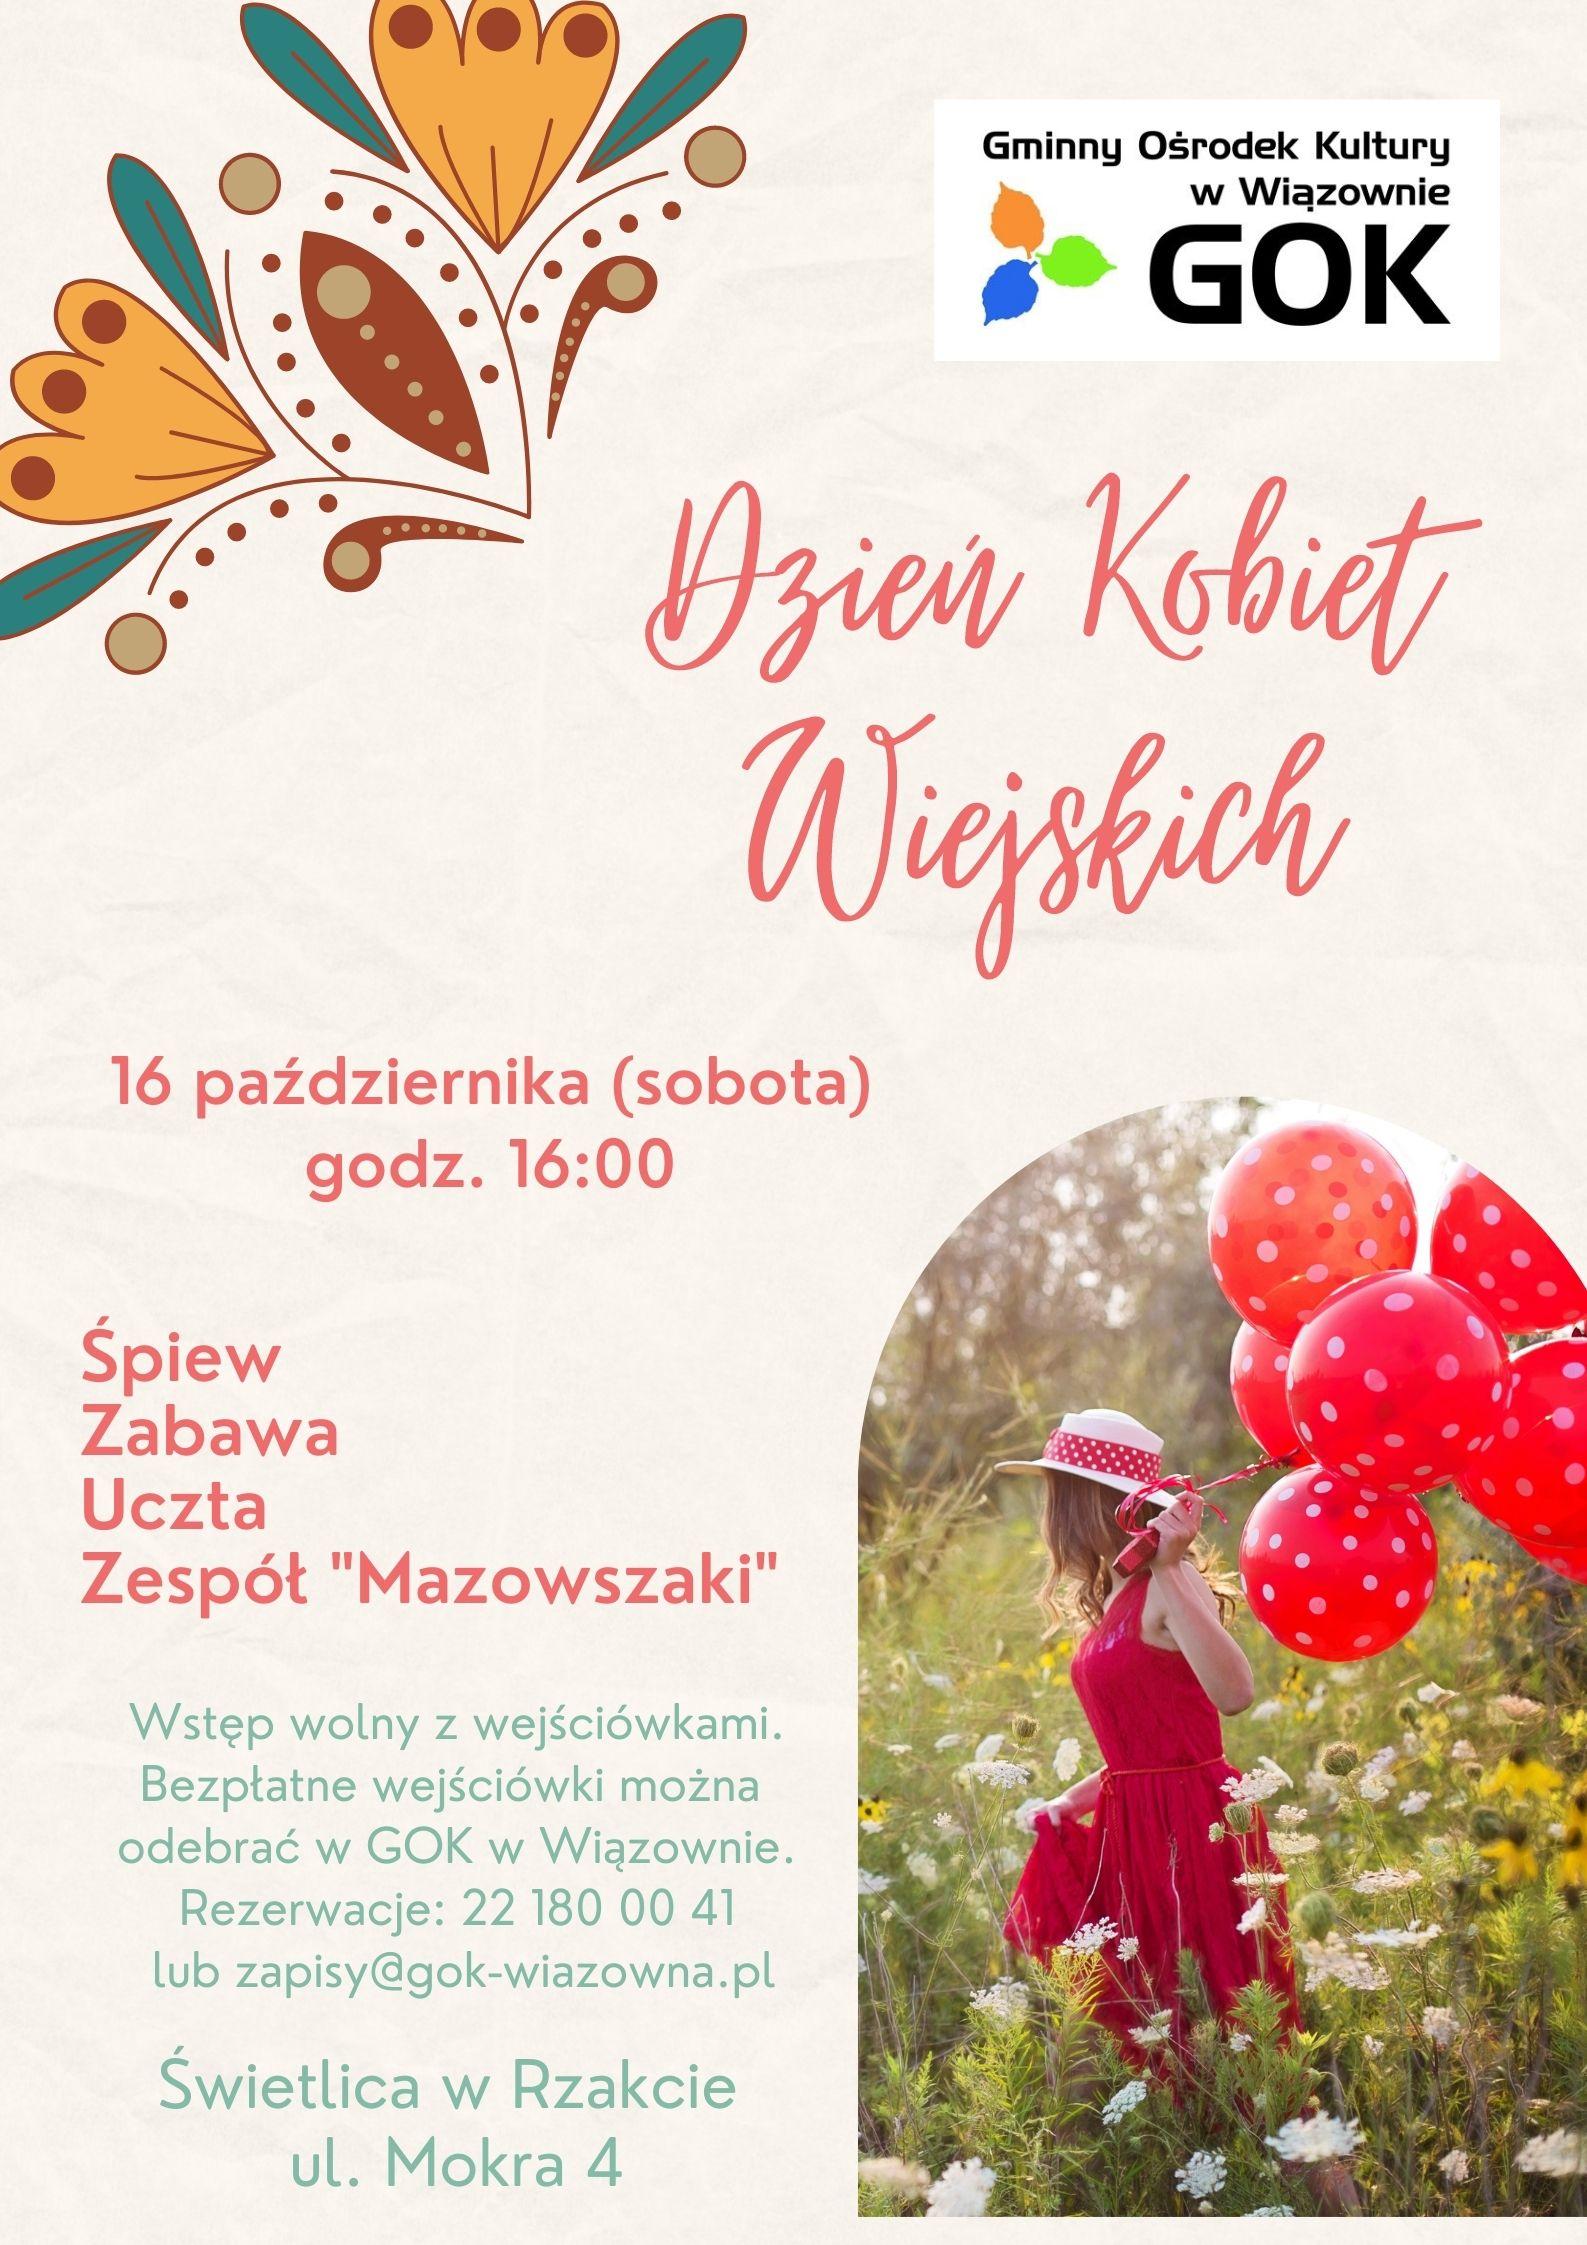 Zapraszamy 16 października (sobota) na godz. 16.00 do świetlicy w Rzakcie na Dzień Kobiet wiejskich